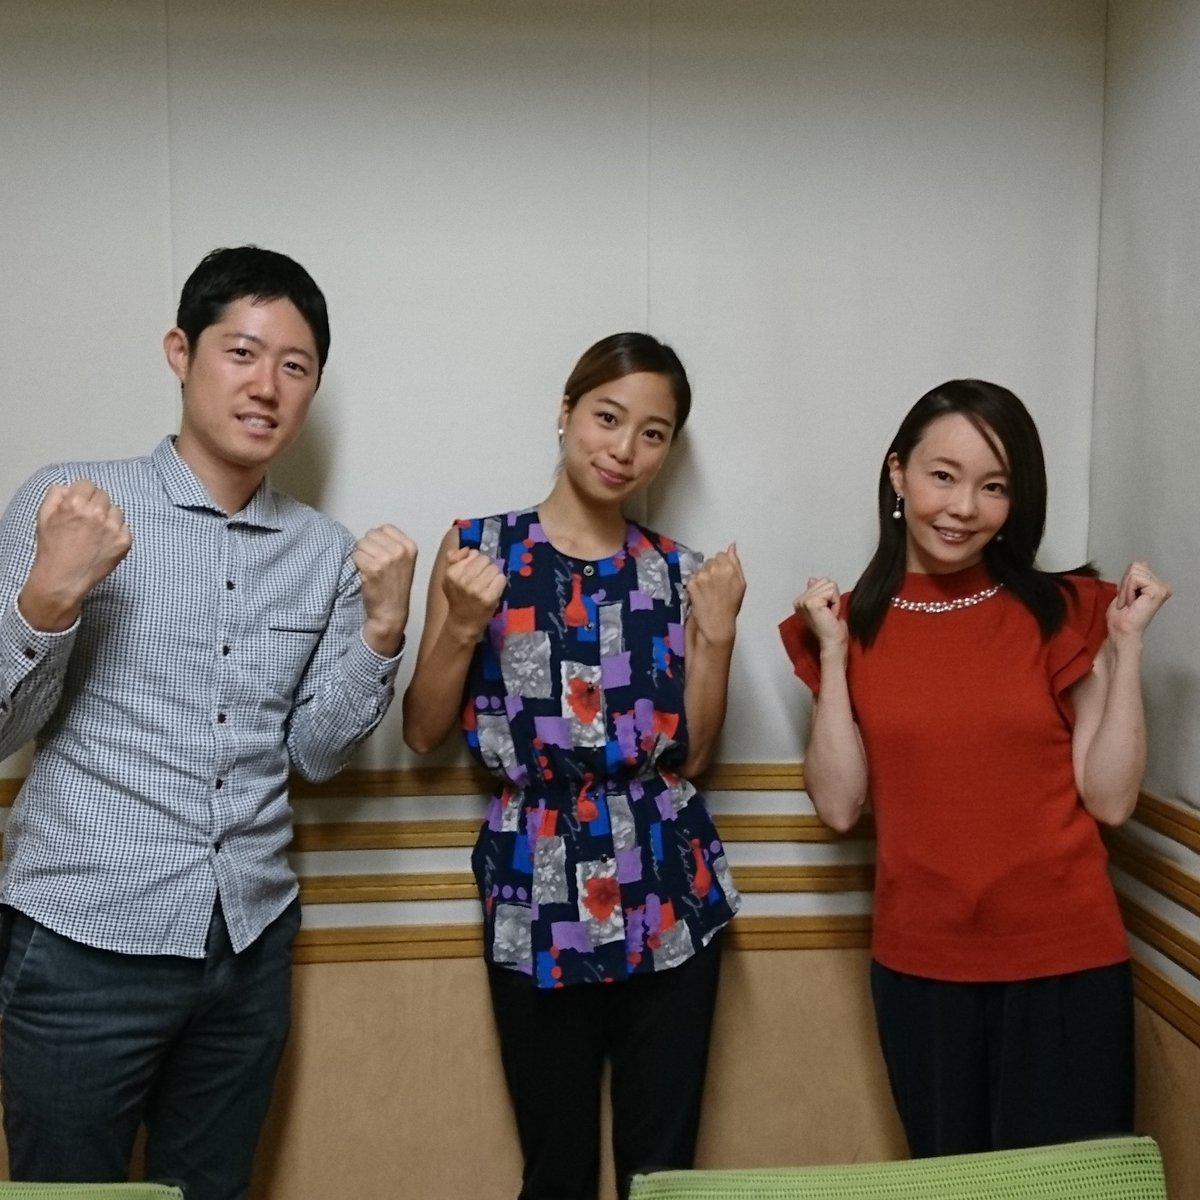 千葉真子BEST SMILE ランニングクラブ│文化放送2017/09/23/土 6:25-6:35  ゲストは福内櫻子